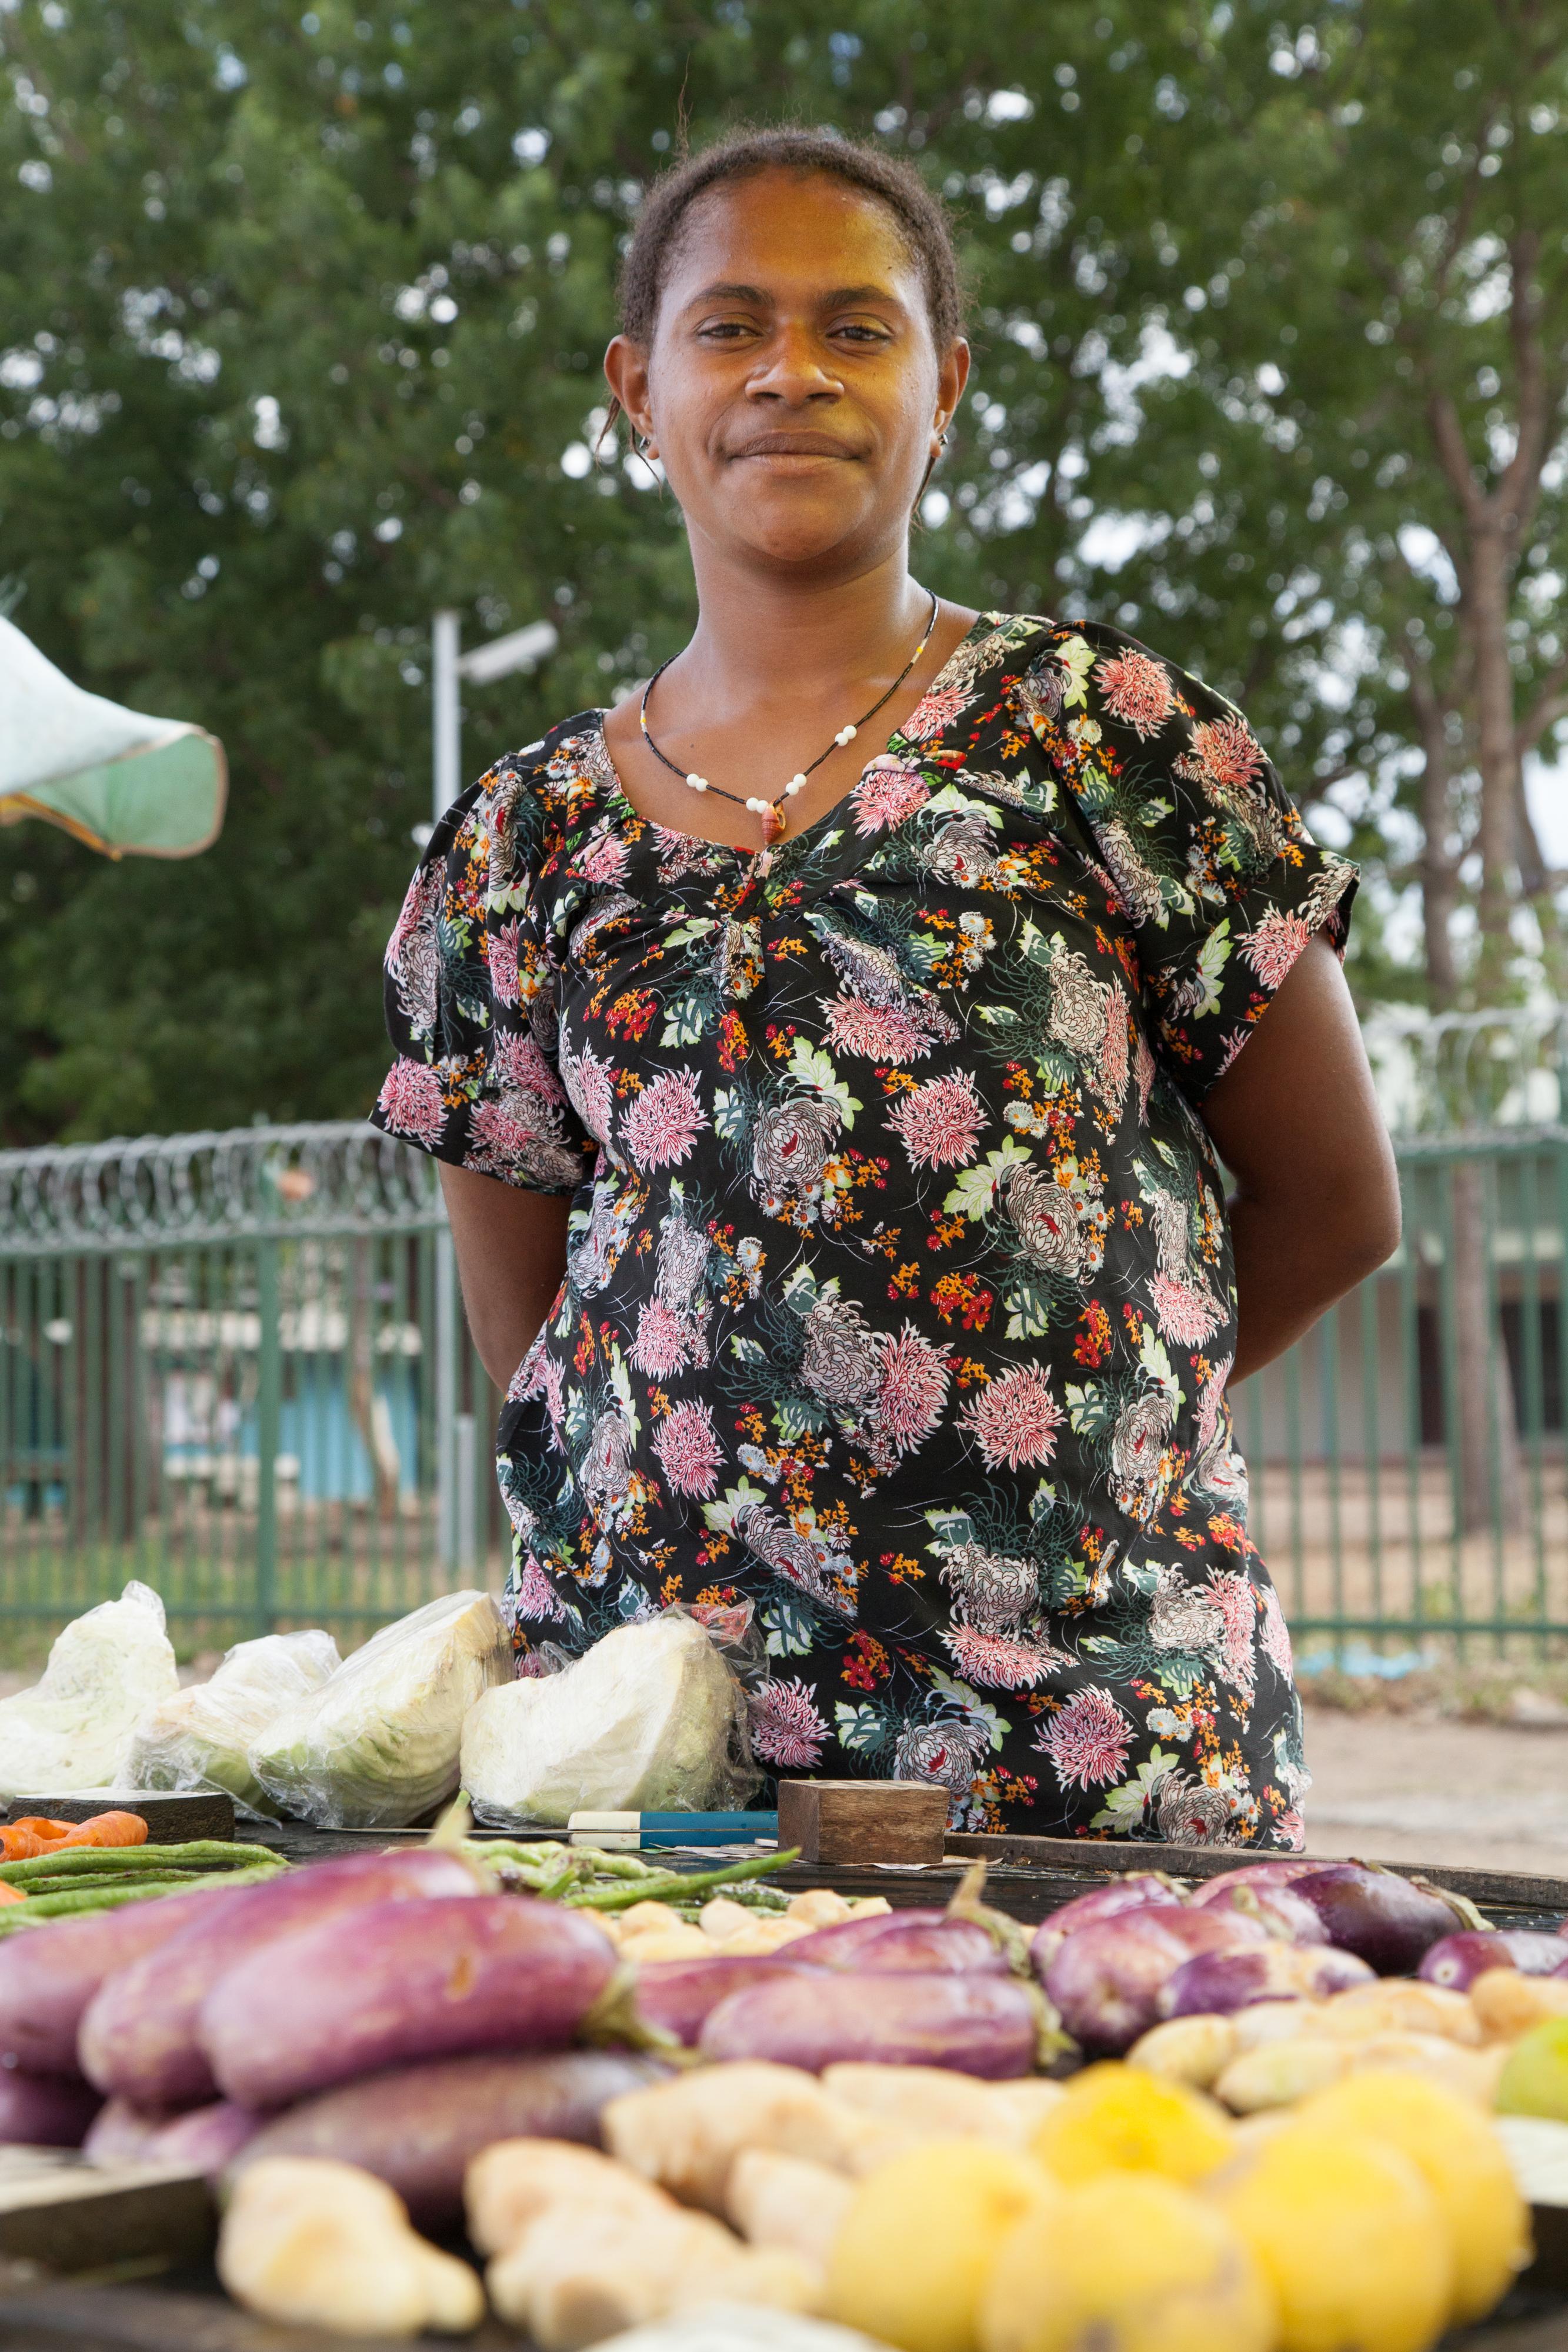 File:Gerehu Markets Port Moresby, Papua New Guinea (10697519186).jpg.